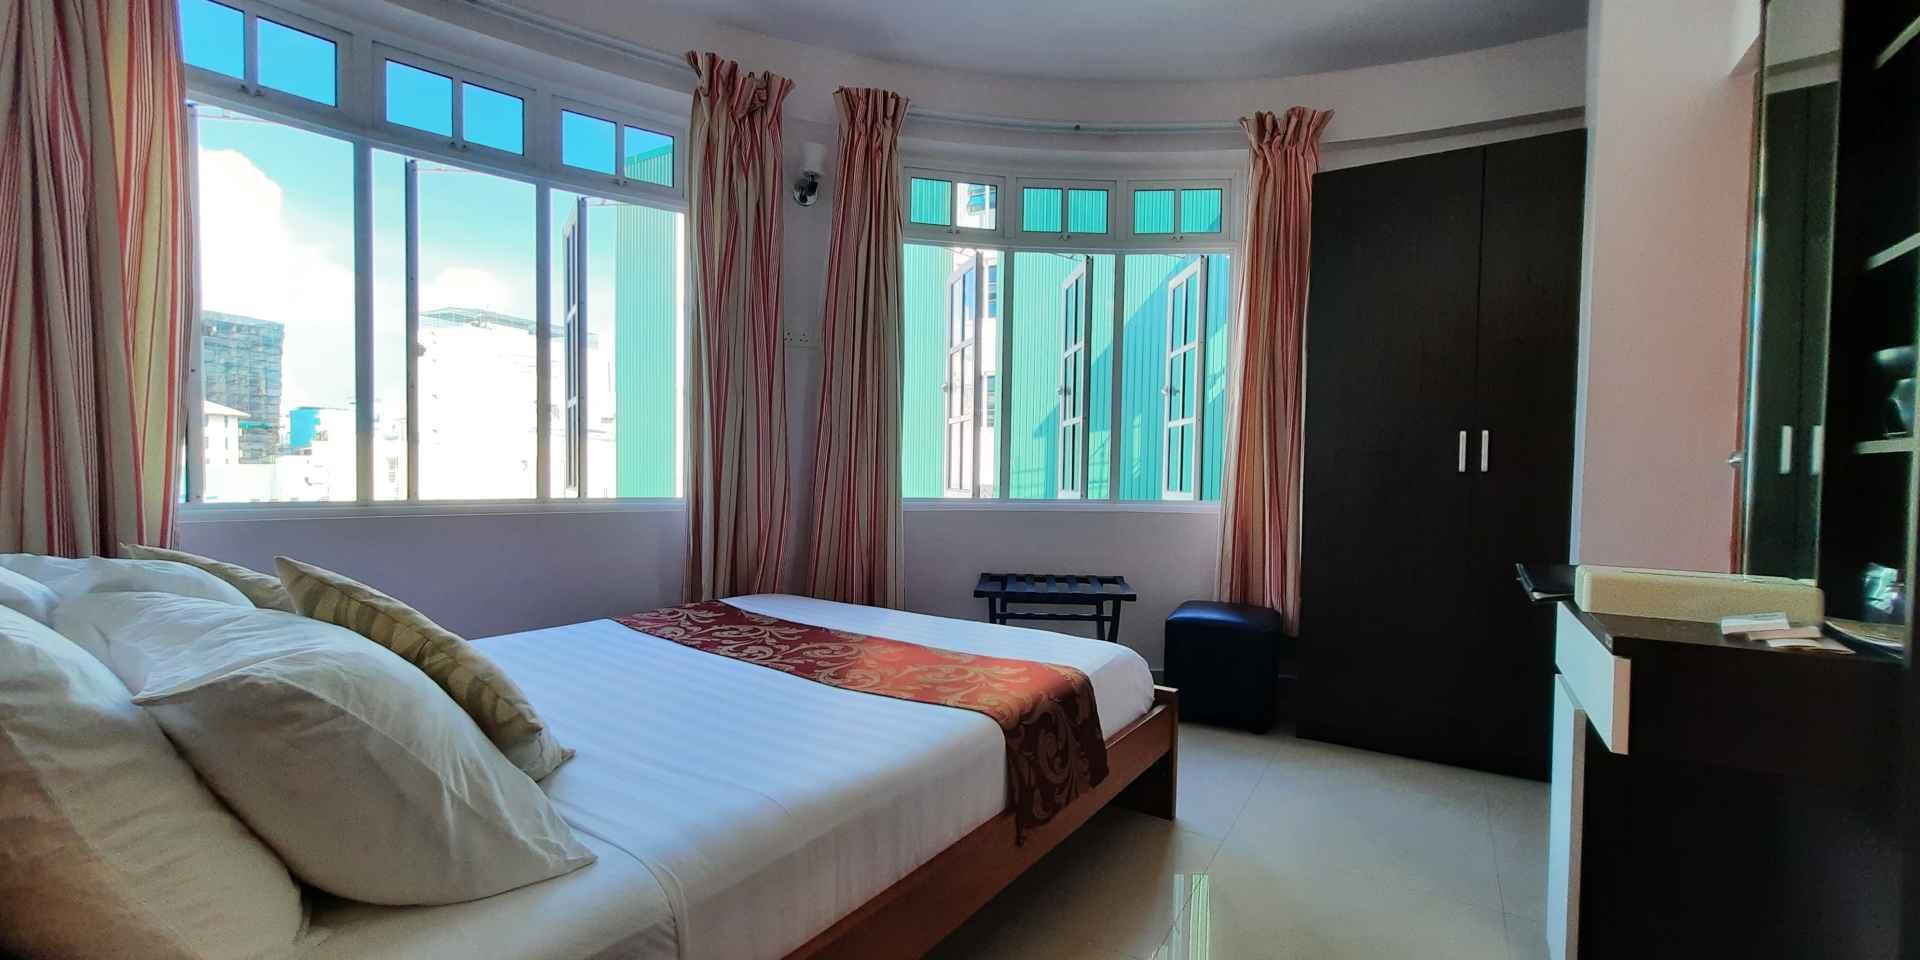 Mini-suite bed room